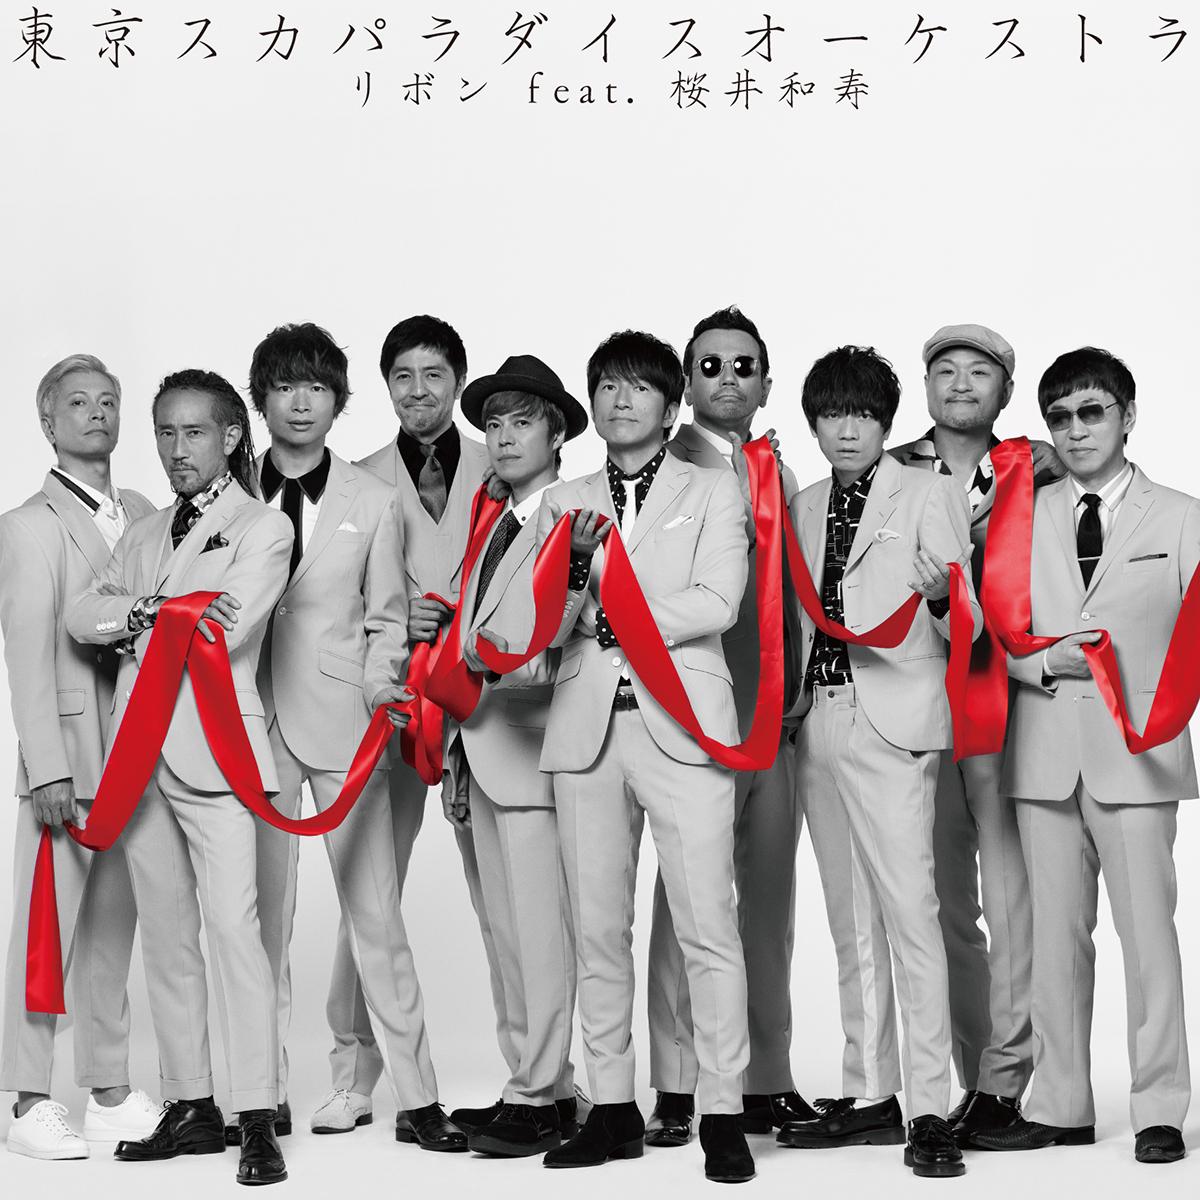 「リボン feat. 桜井和寿(Mr.Children)」CD+DVD